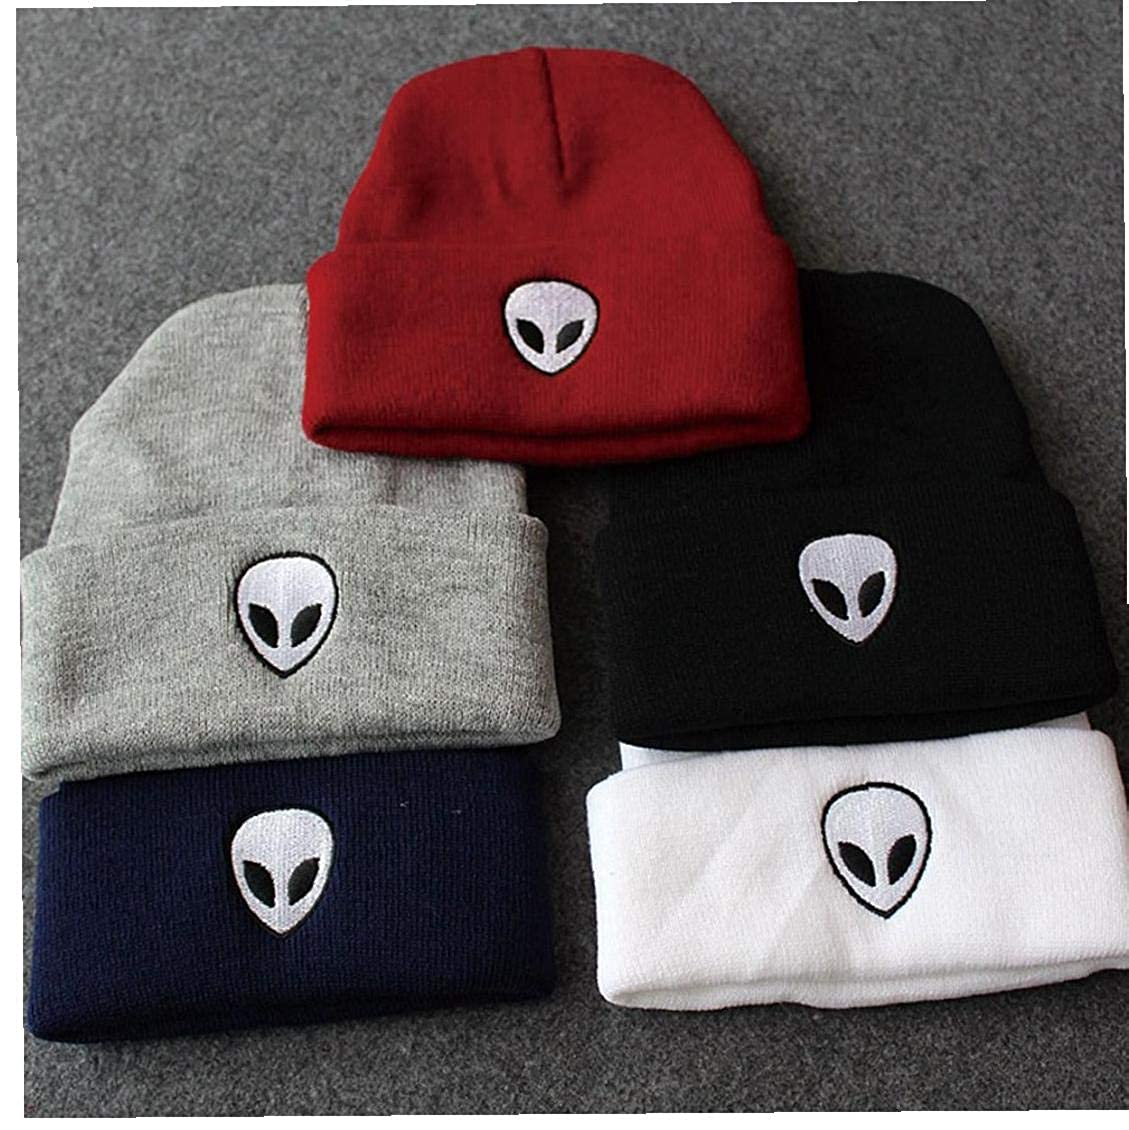 Femmes Hommes Alien Brod/é Hip Hop Knitting Hat Hiver Coton Chaud Acrylique Cap Tricot Chapeau De Cr/âne pour Femmes Et Hommes